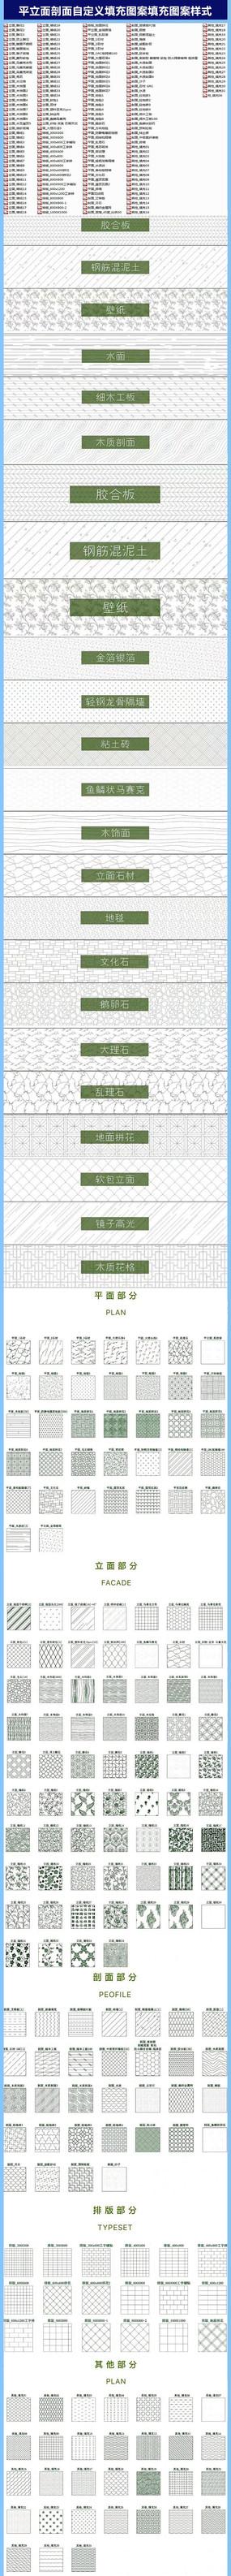 室內平立面剖面自定義填充圖案樣式